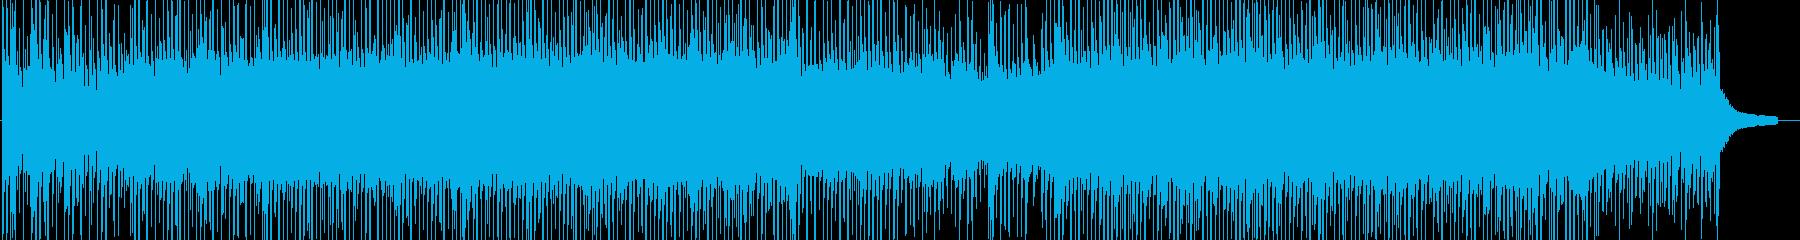 軽やかで清々しいBGMの再生済みの波形